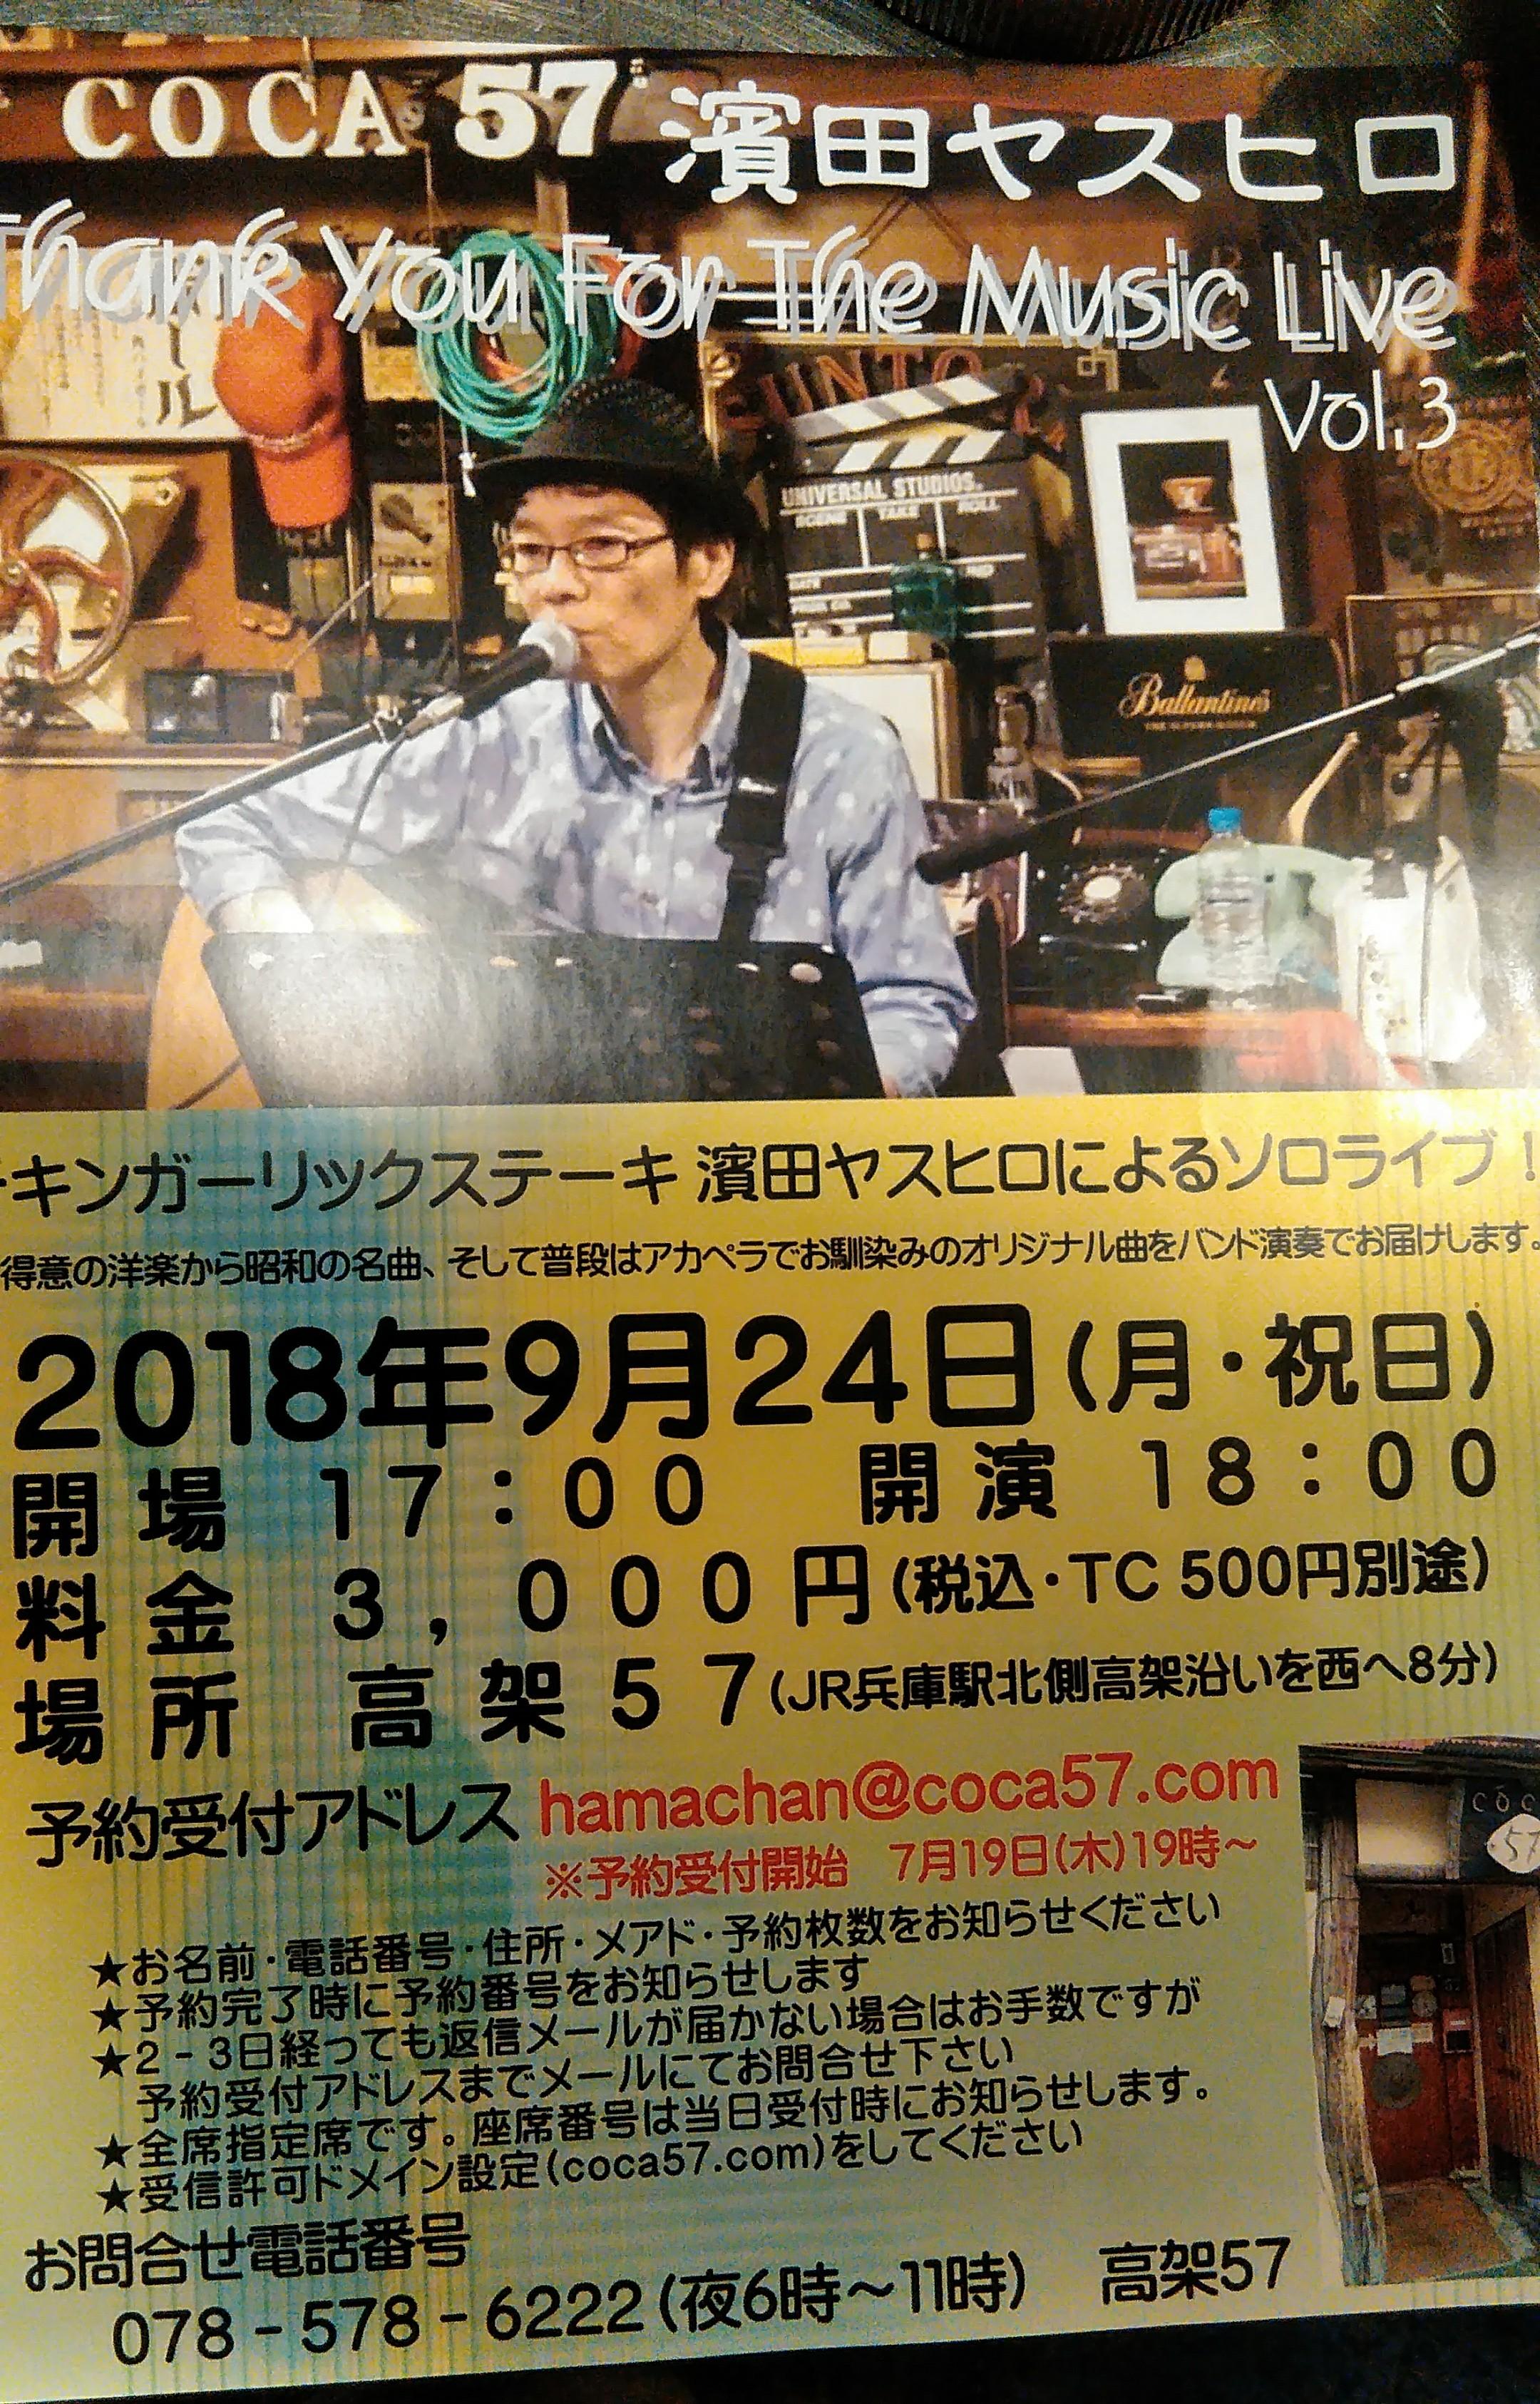 チキンガーリックステーキの濱田ヤスヒロによるソロlive17時開場